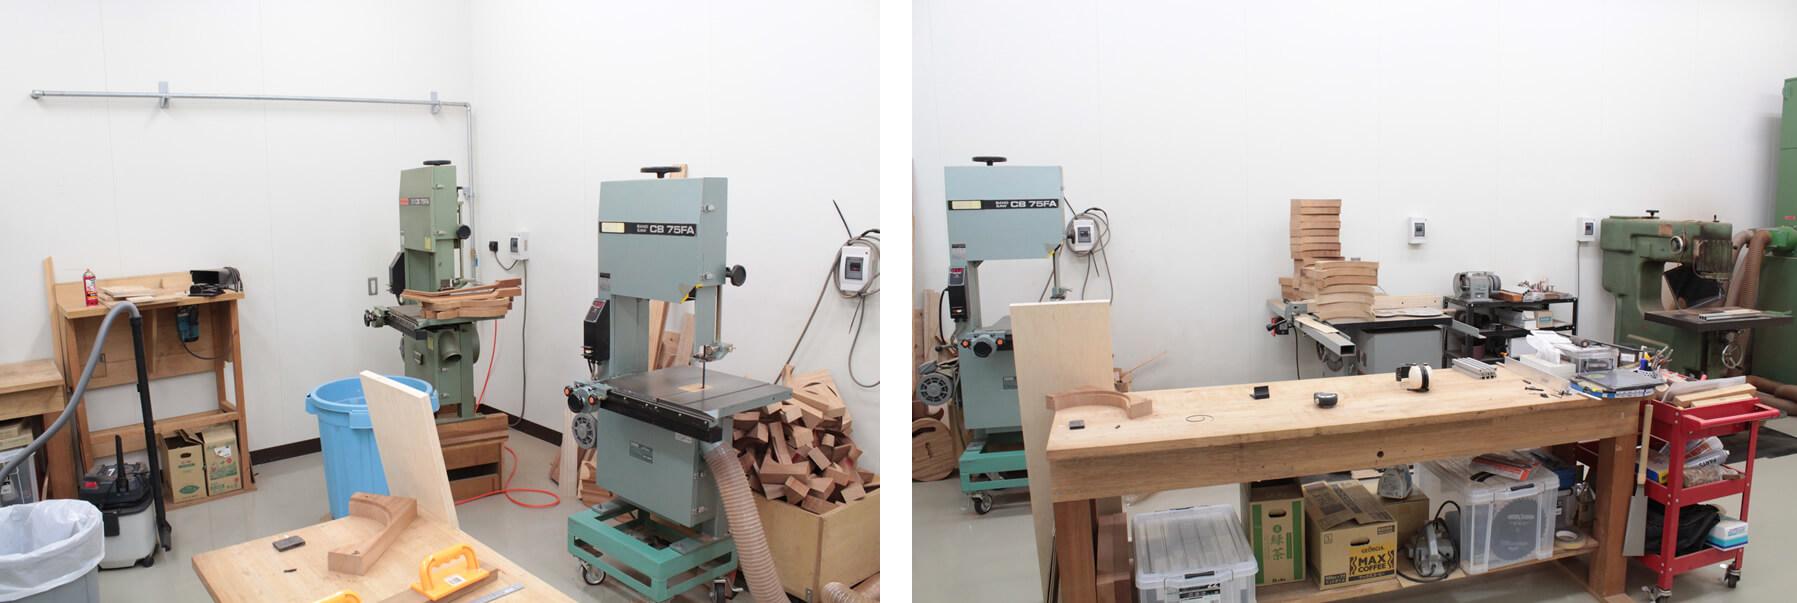 機械加工を行う作業場